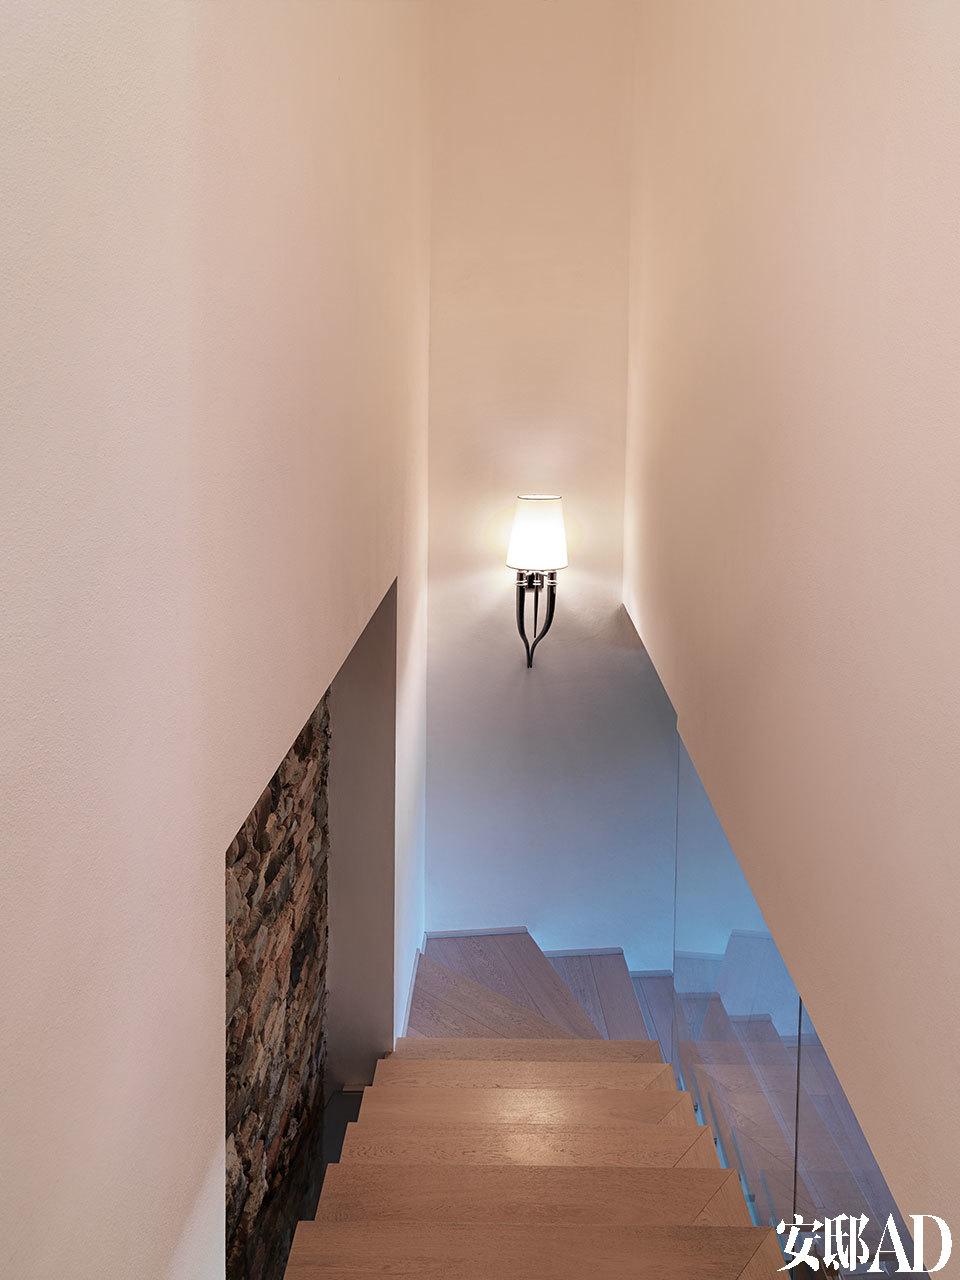 一楼通向二楼的楼梯间,Brunilde壁灯由Alessandro LaSpada和Samuele Mazza设计。